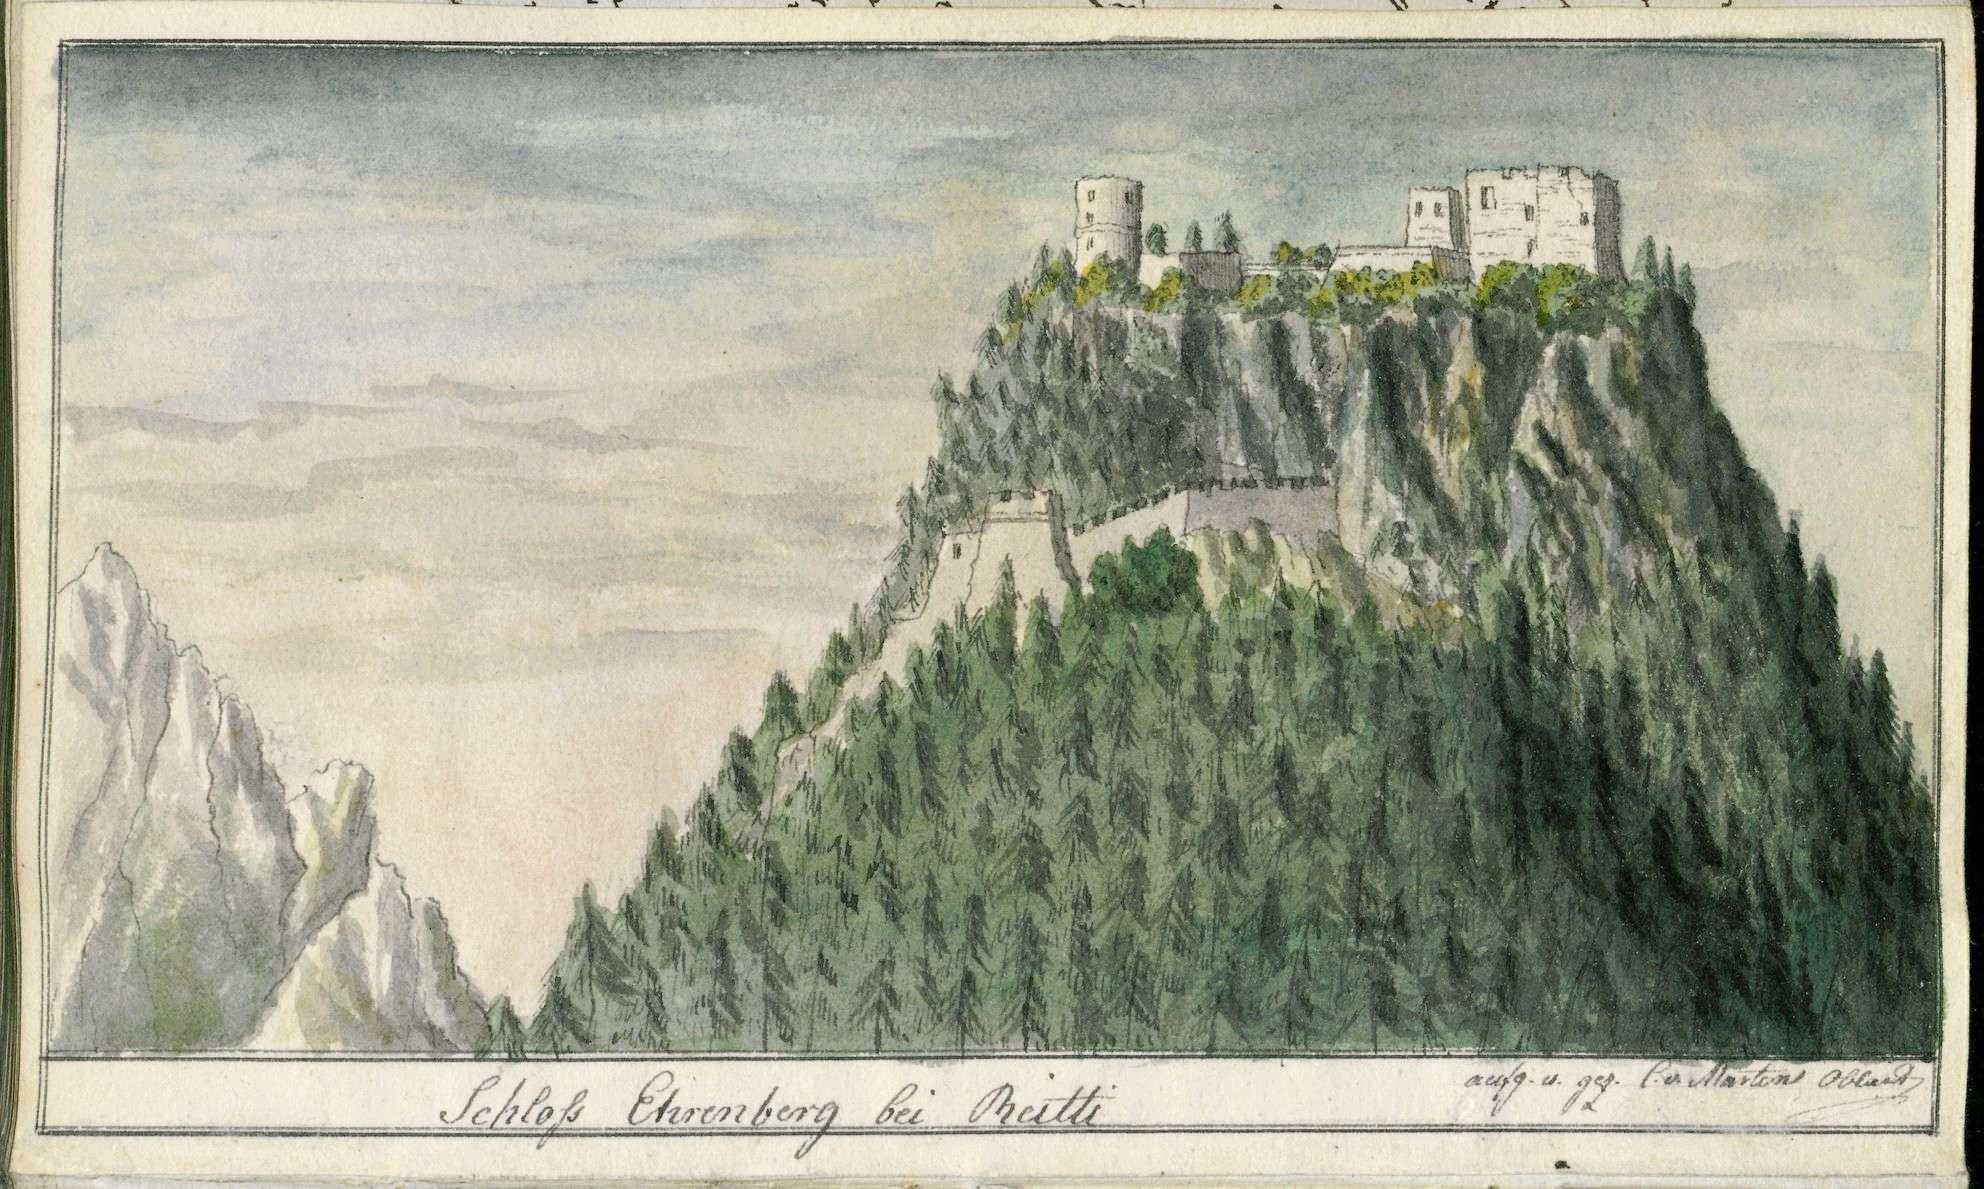 Tagebuch von Christian von Martens über seine Reise nach Venedig, seinen Aufenthalt dort und die Rückreise im Sommer 1816, Bild 3